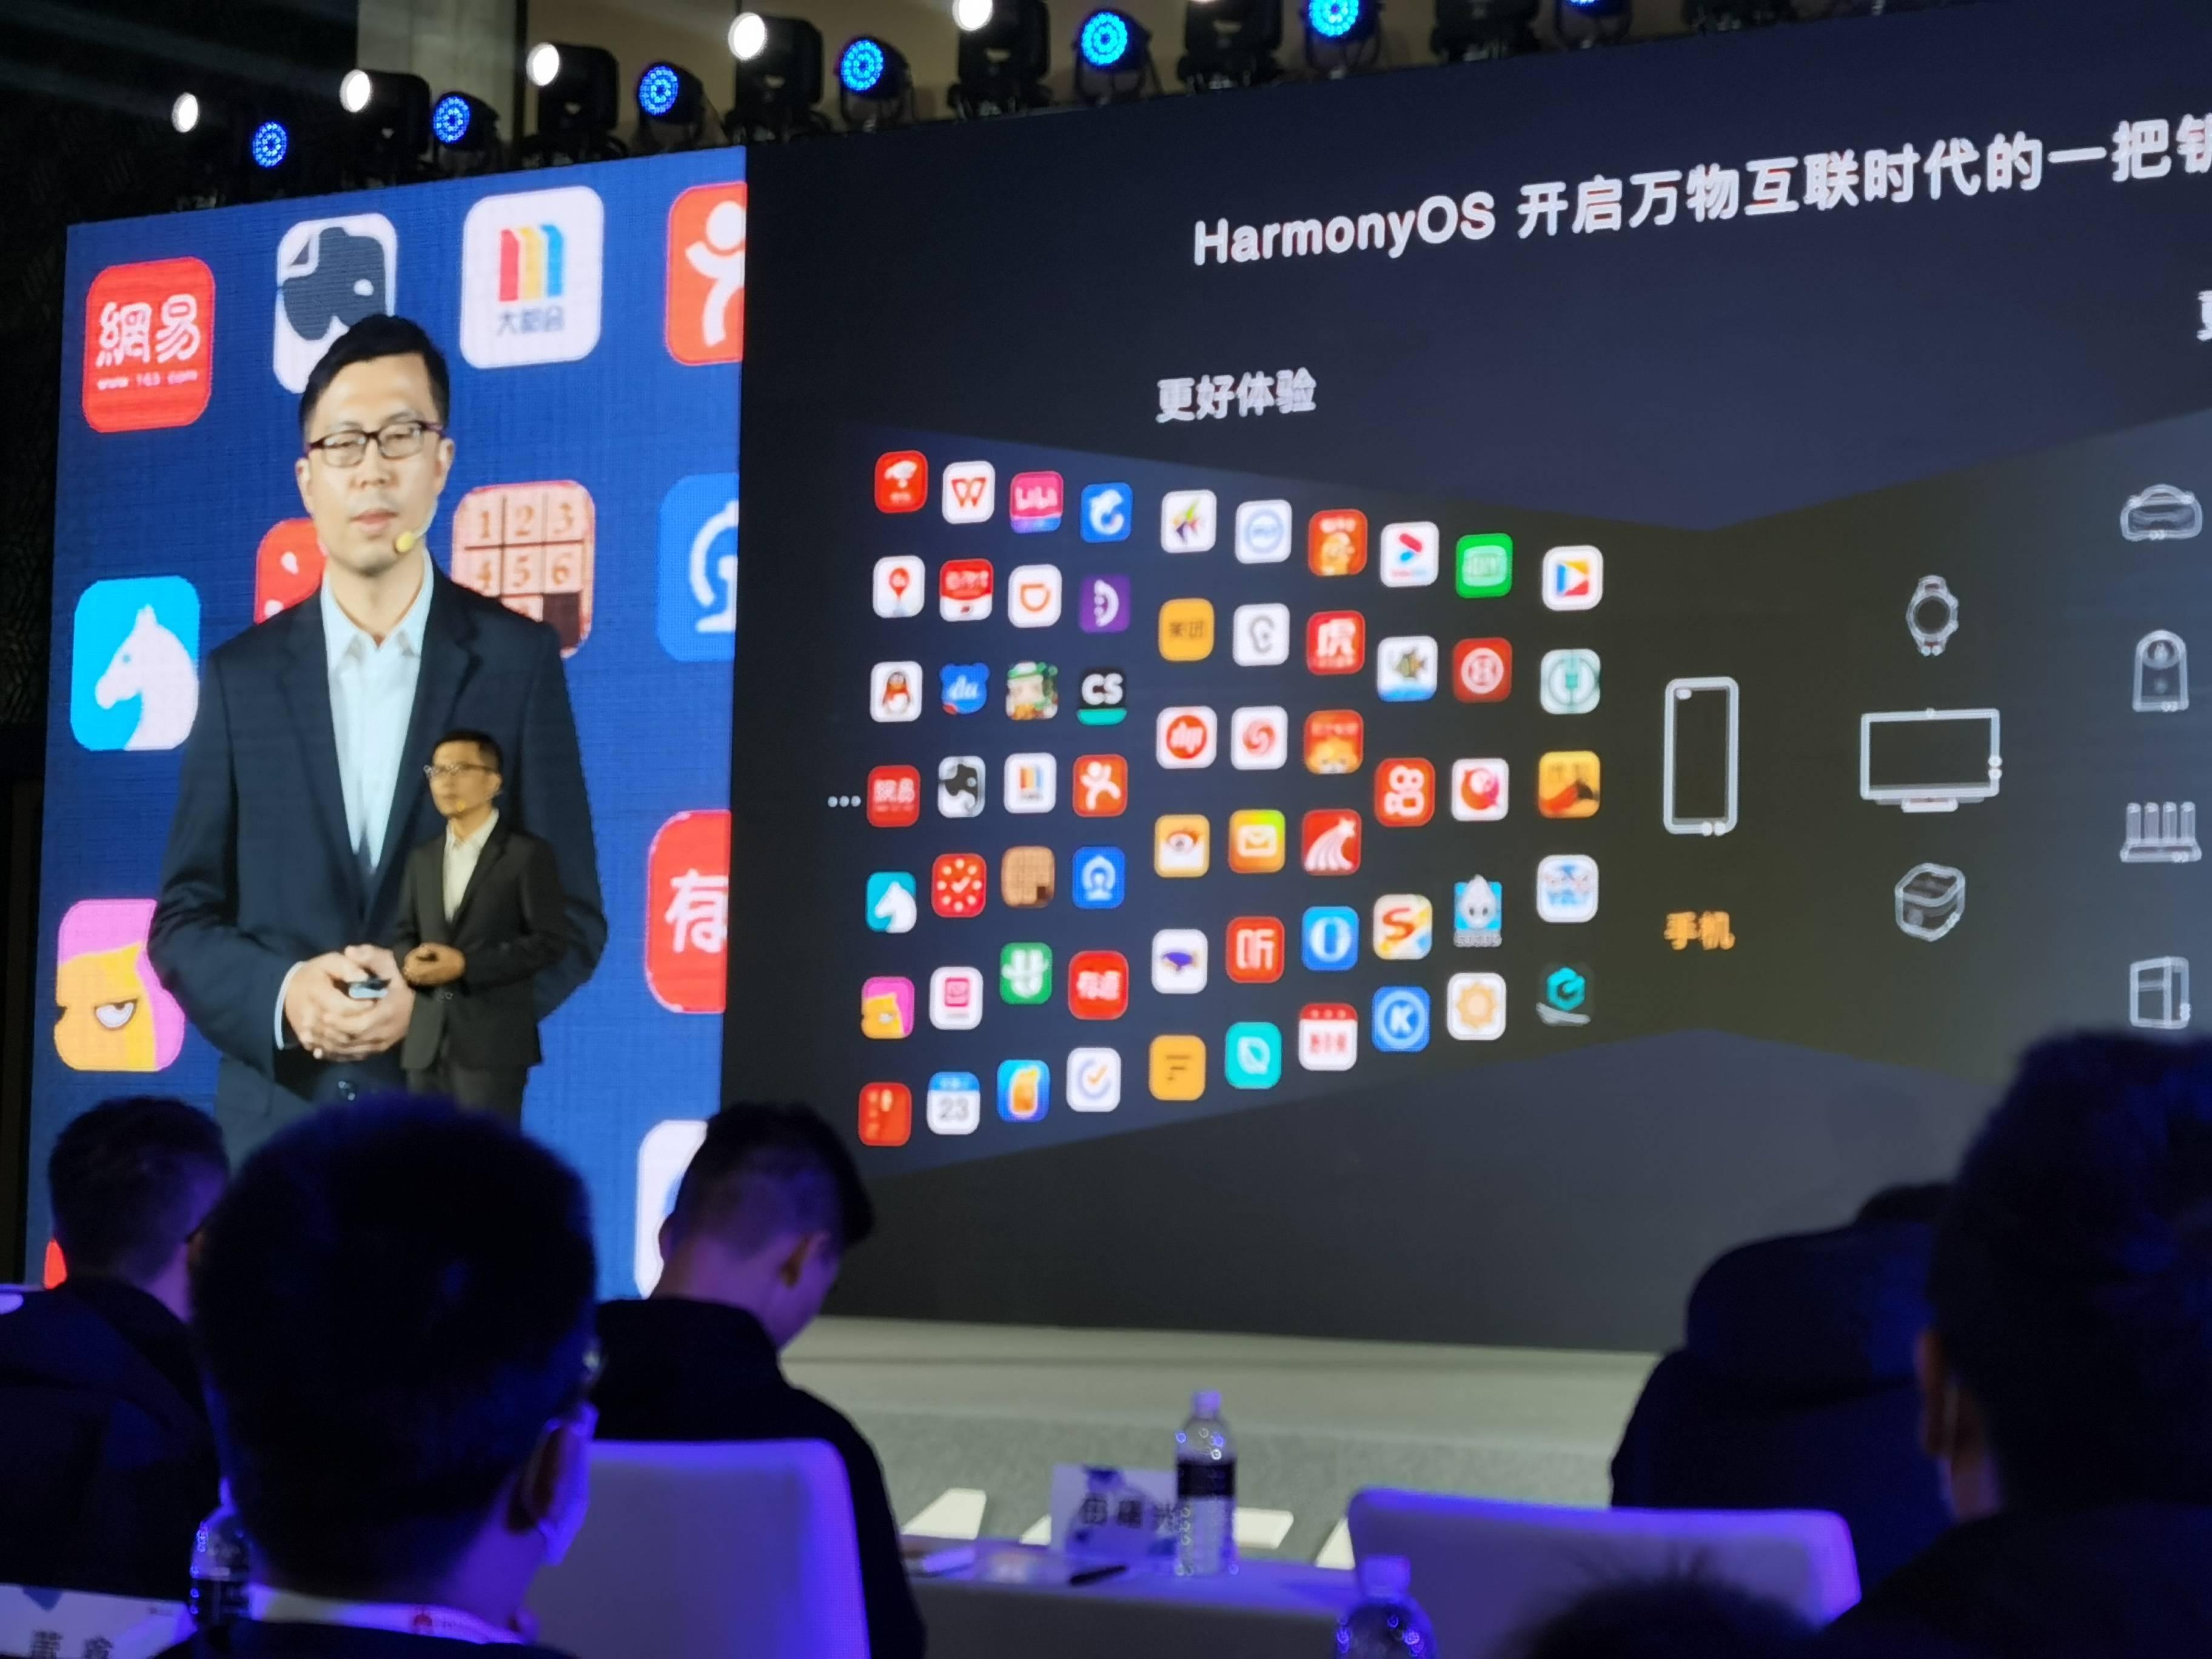 华为:今年1亿台设备将成鸿蒙系统新入口